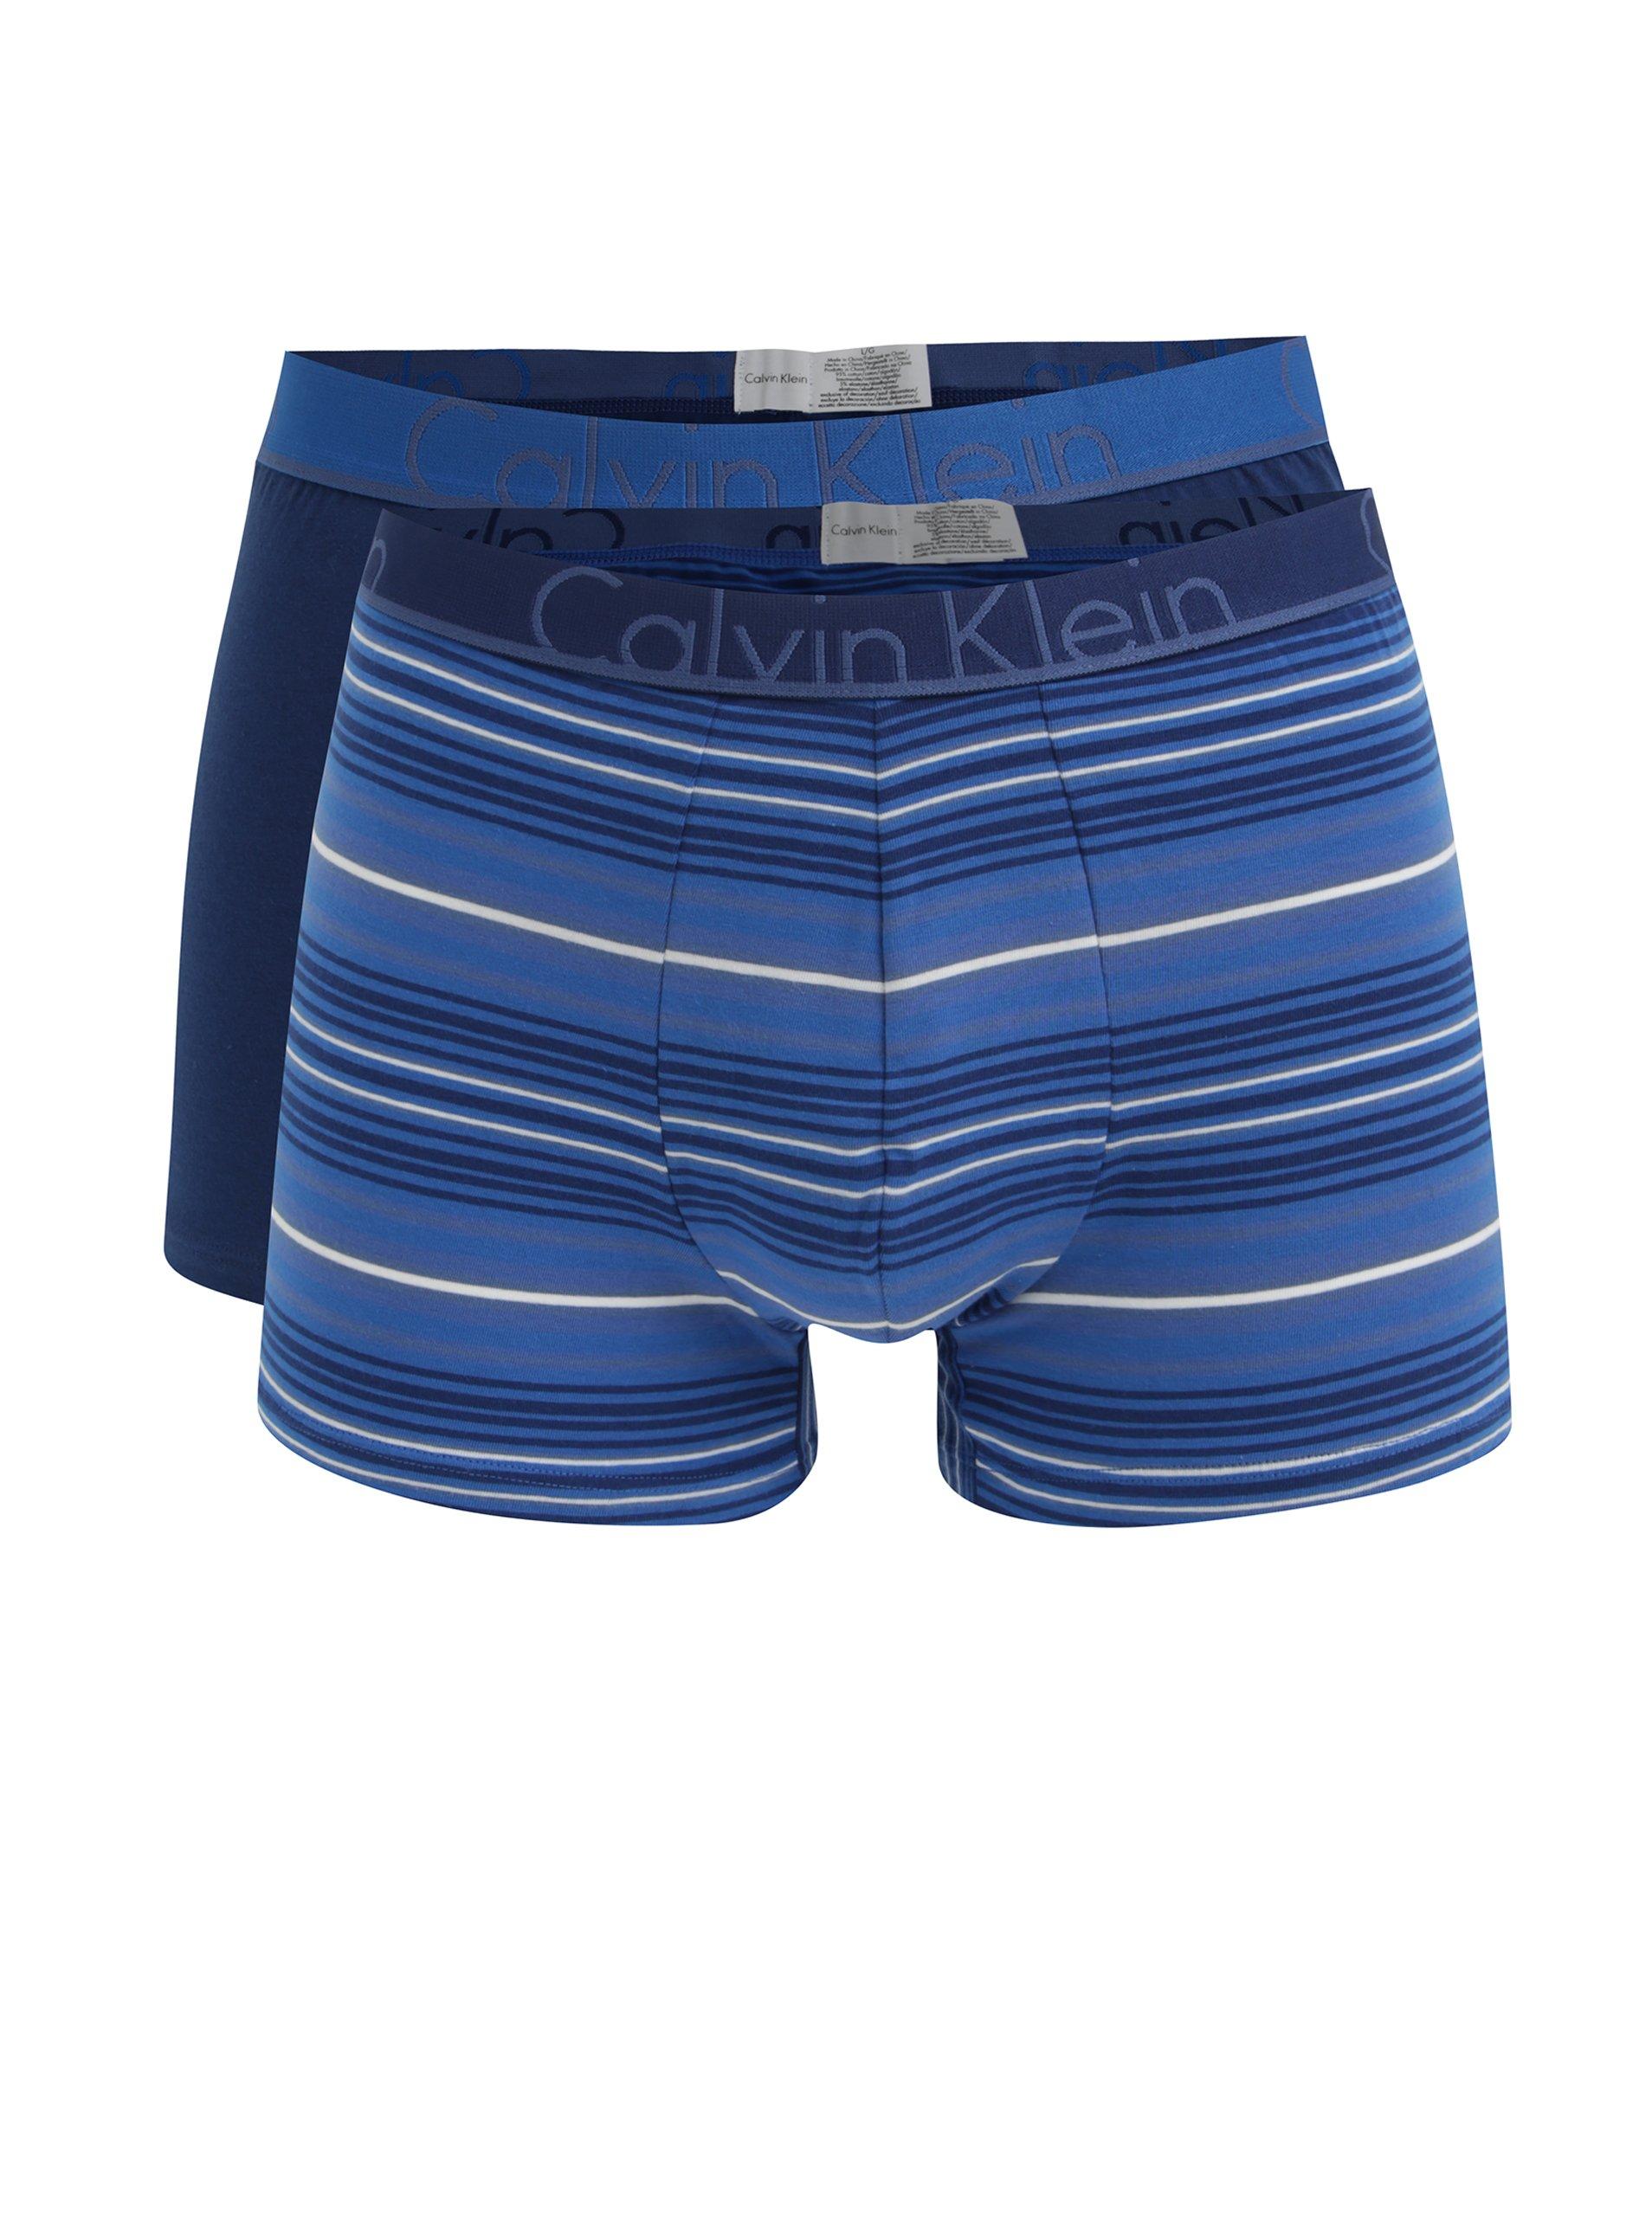 b56e700c9d Súprava dvoch boxeriek v modrej farbe Calvin Klein